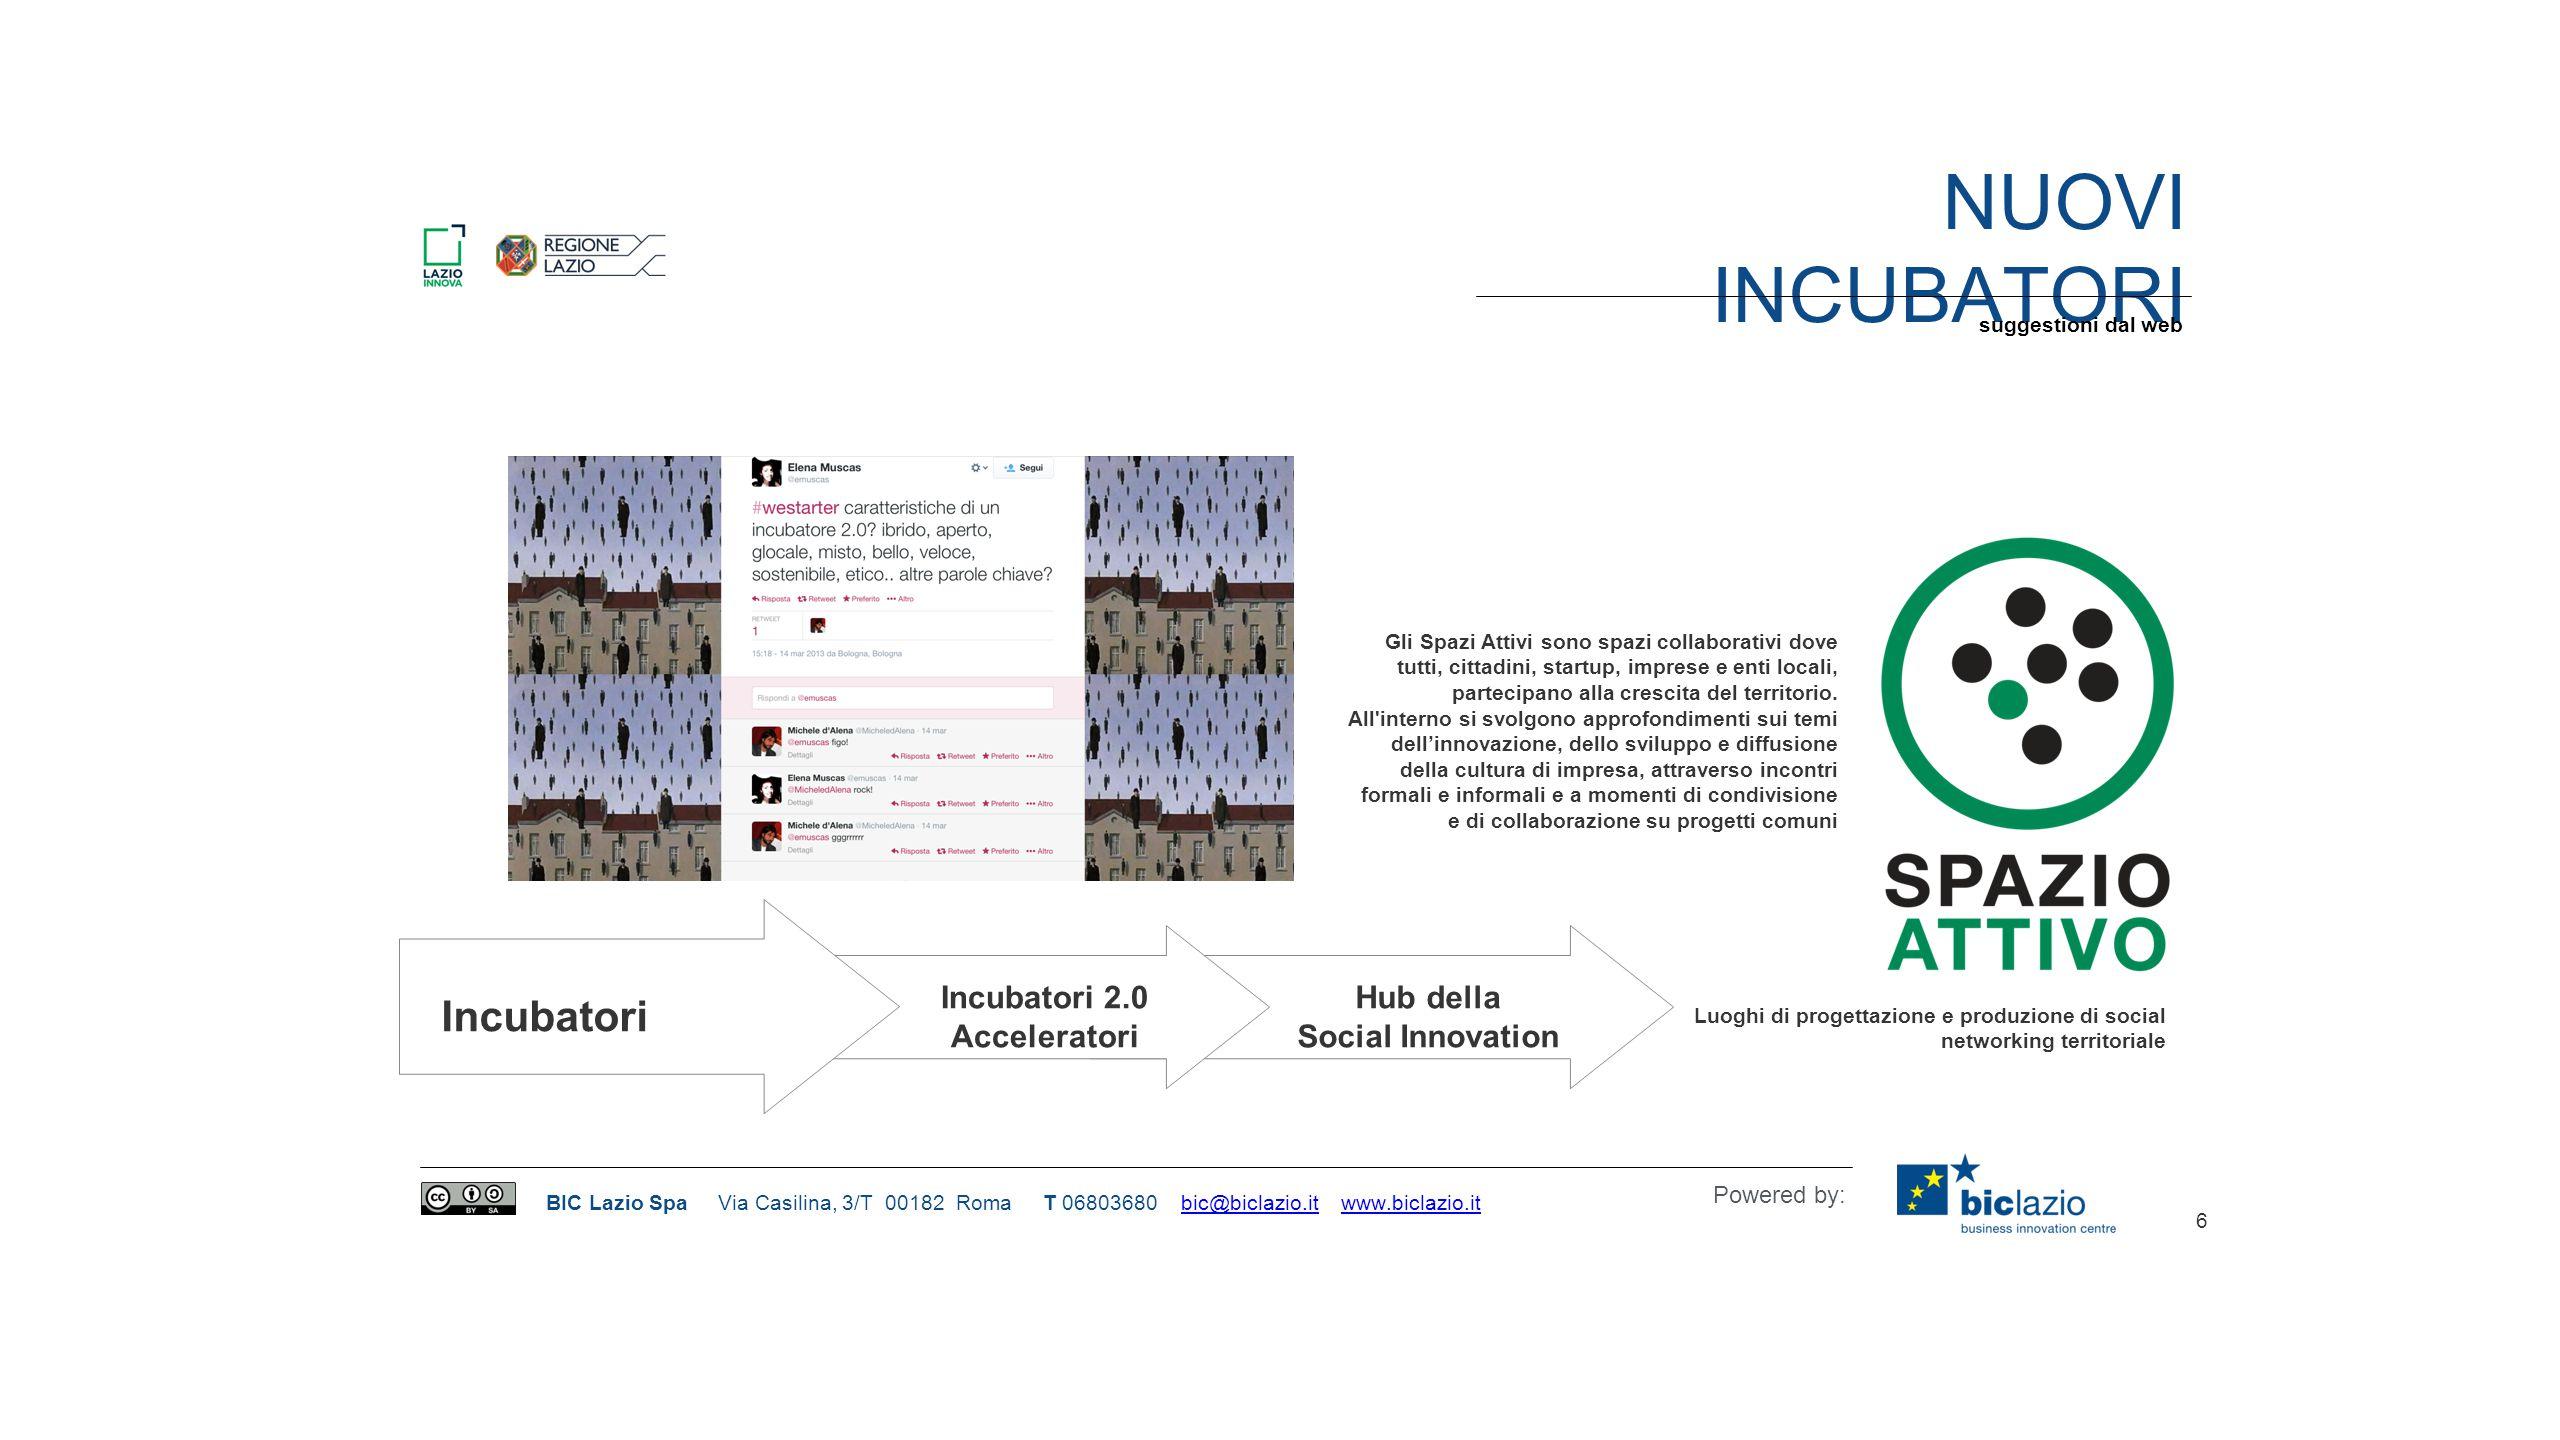 Nuovi incubatori Incubatori Hub della Incubatori 2.0 Social Innovation